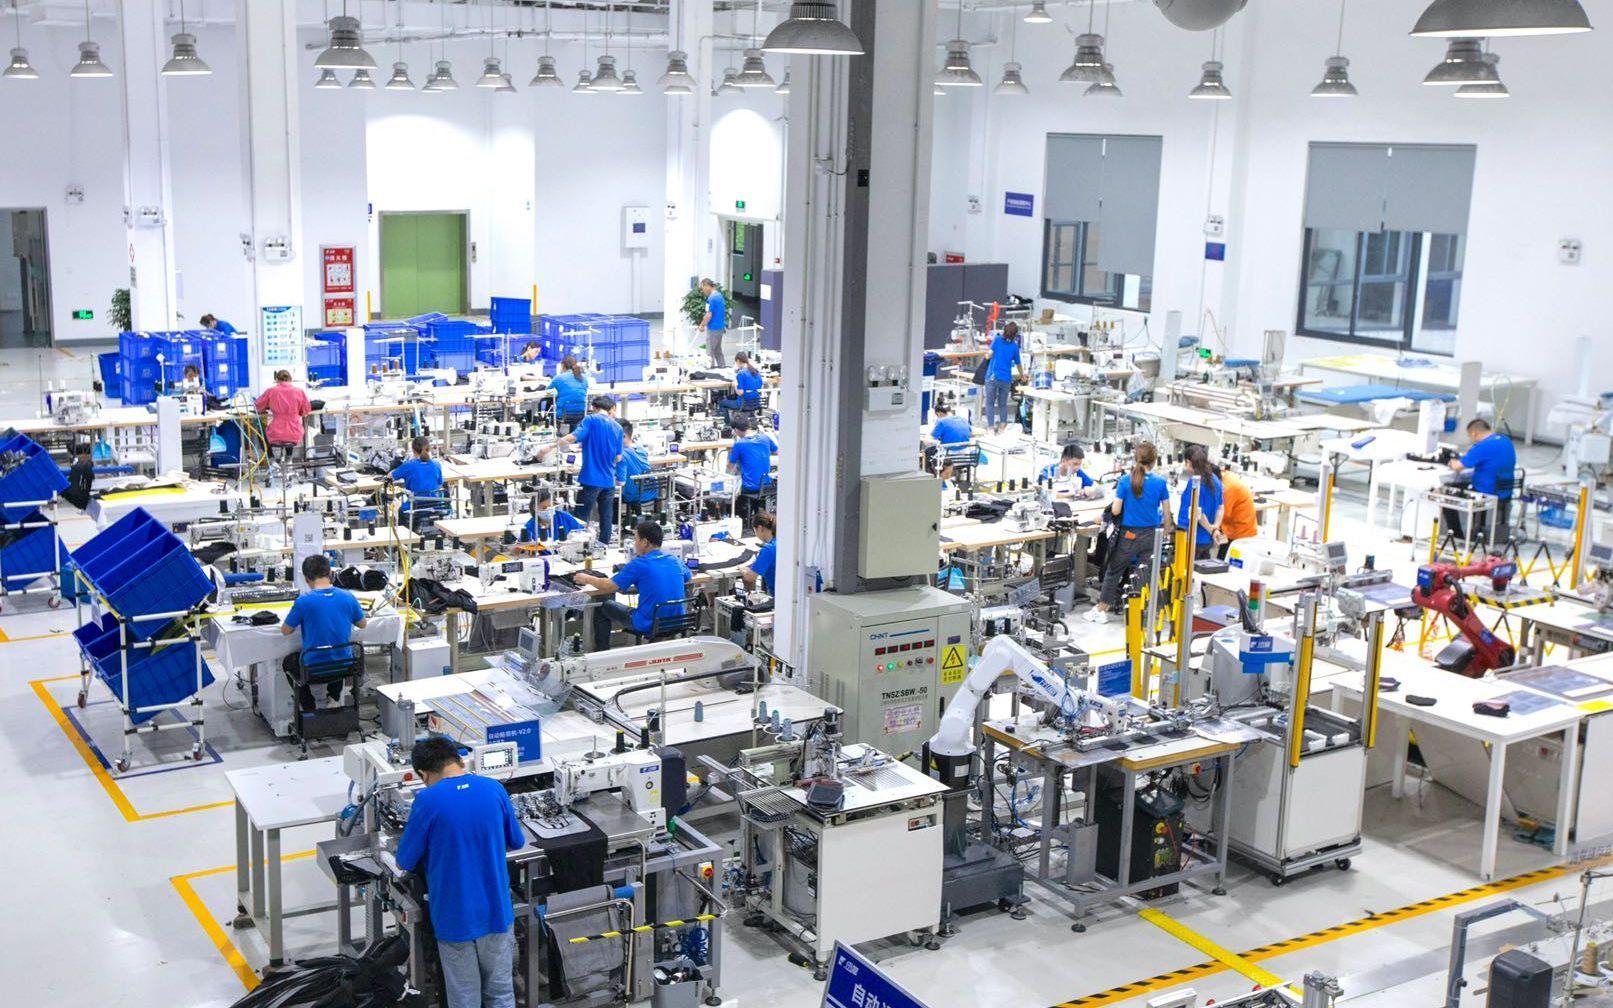 走访阿里犀牛智造工厂:50%无人化生产,大部分订单1小时完成